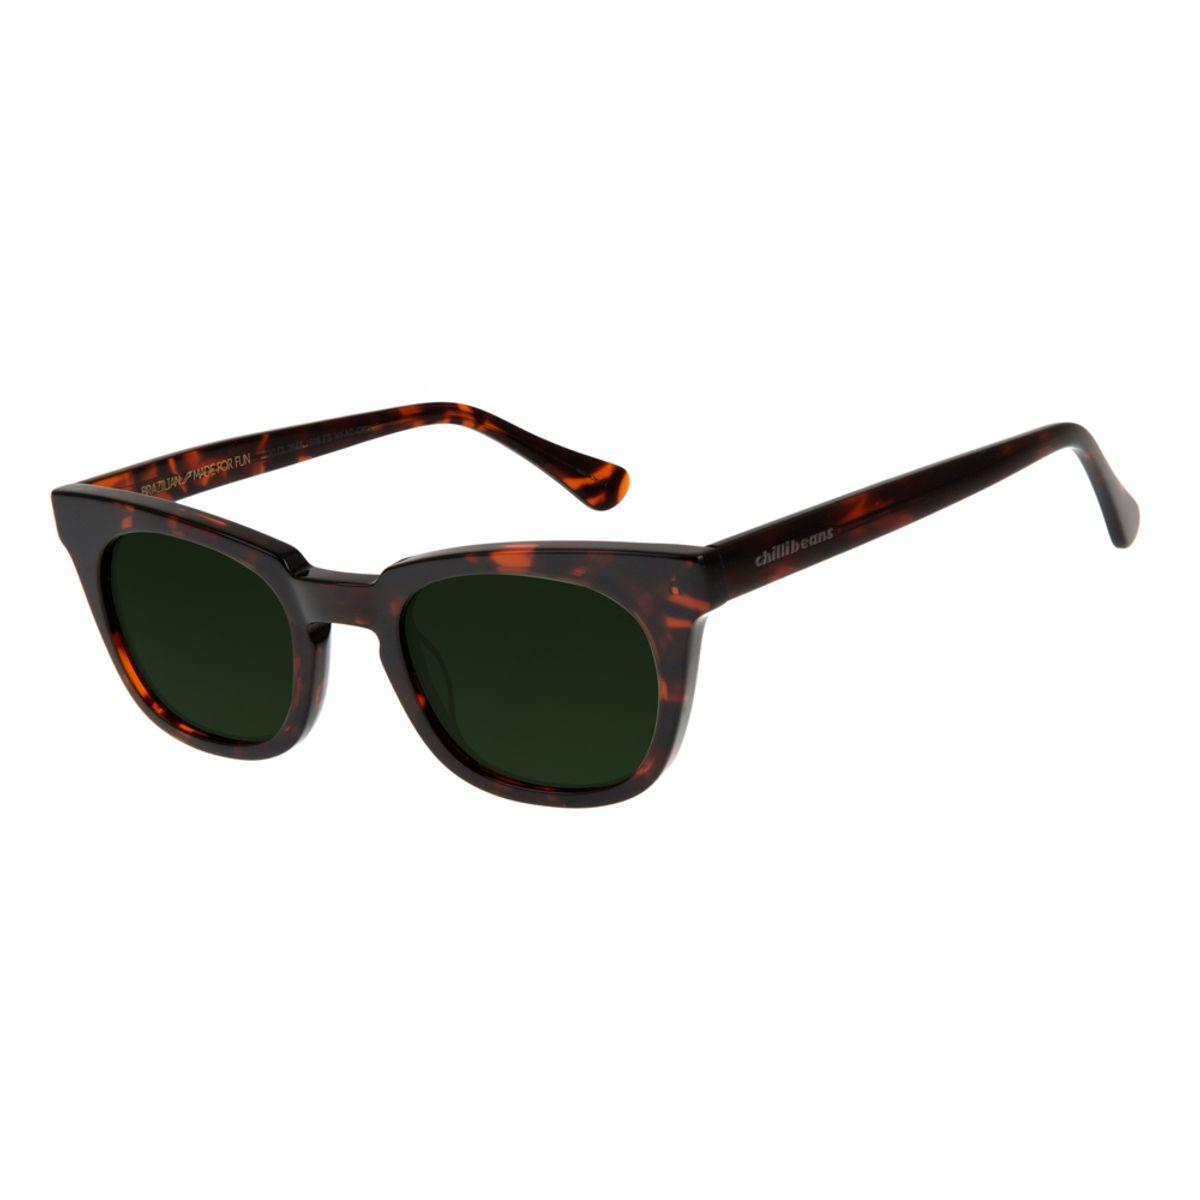 7ab91132e Óculos de Sol Feminino Chilli Beans Tartaruga 2648 - OC.CL.2648.1506 M.  REF: OC.CL.2648.1506. OC.